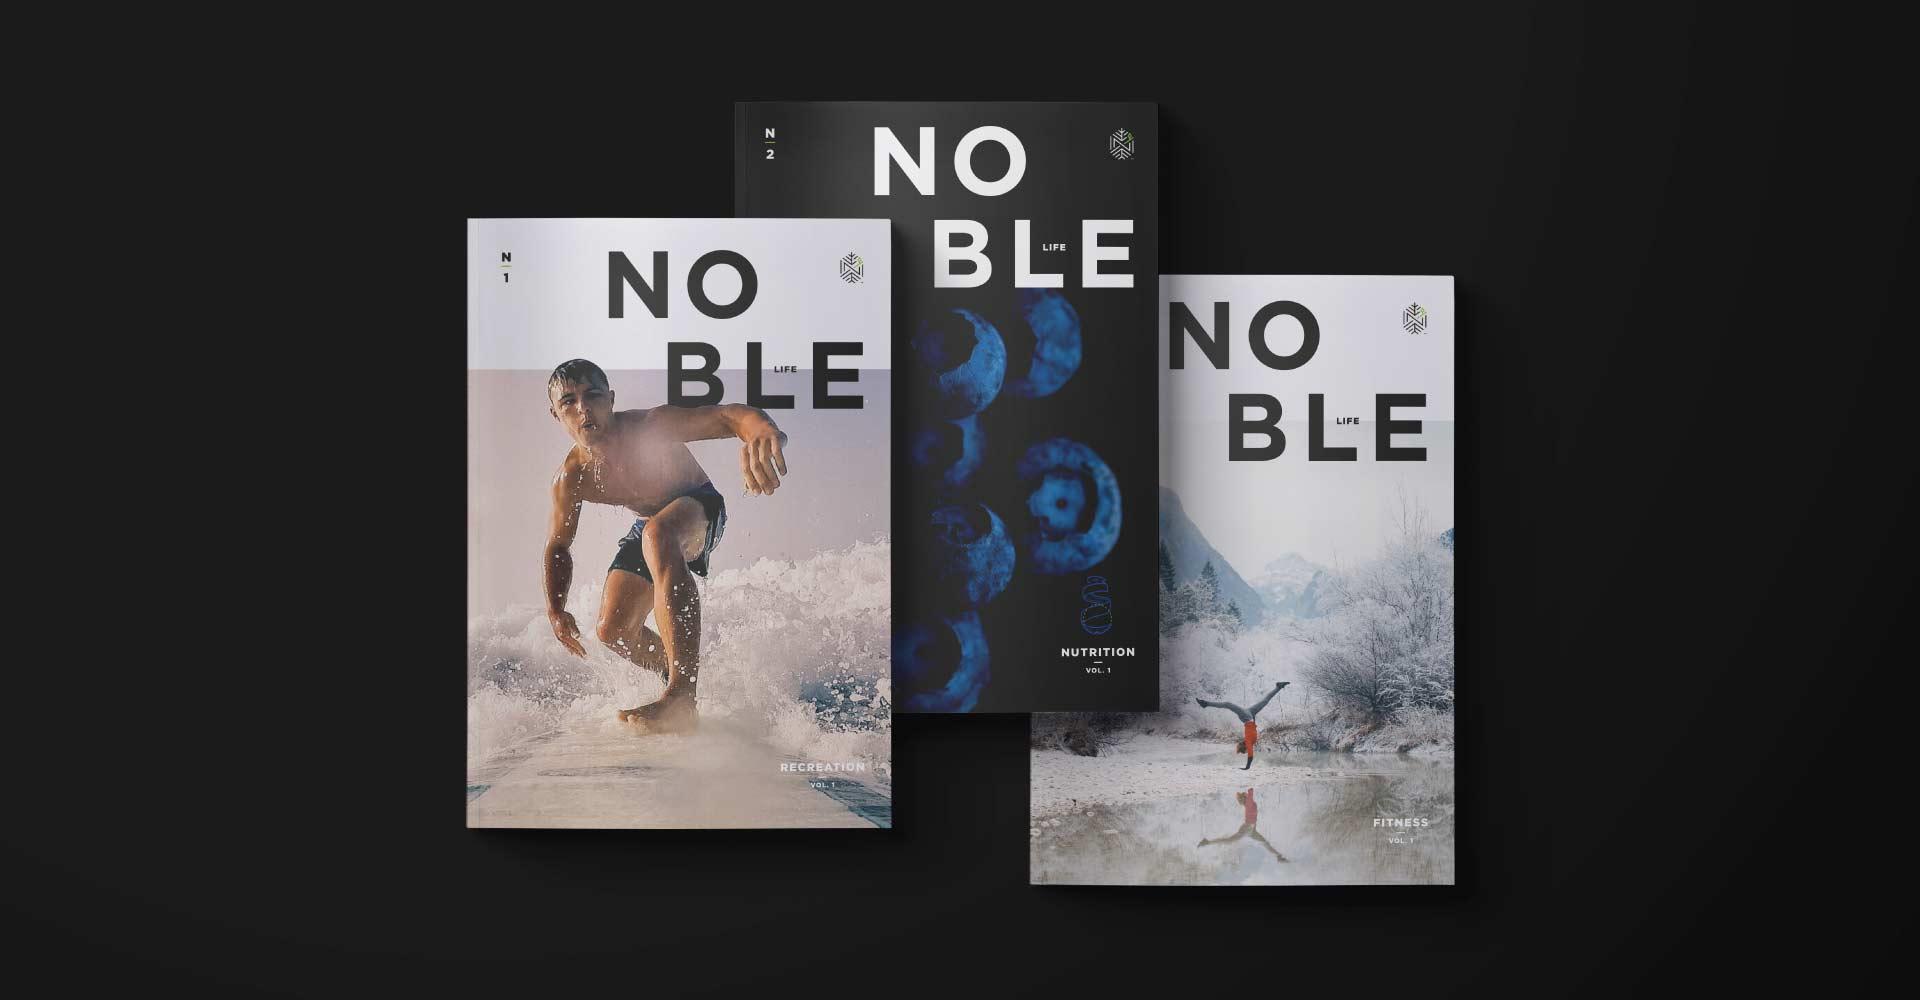 Creative_Retail_Packaging_Branding_Design_Noble_Branch_Fitness_6.jpg